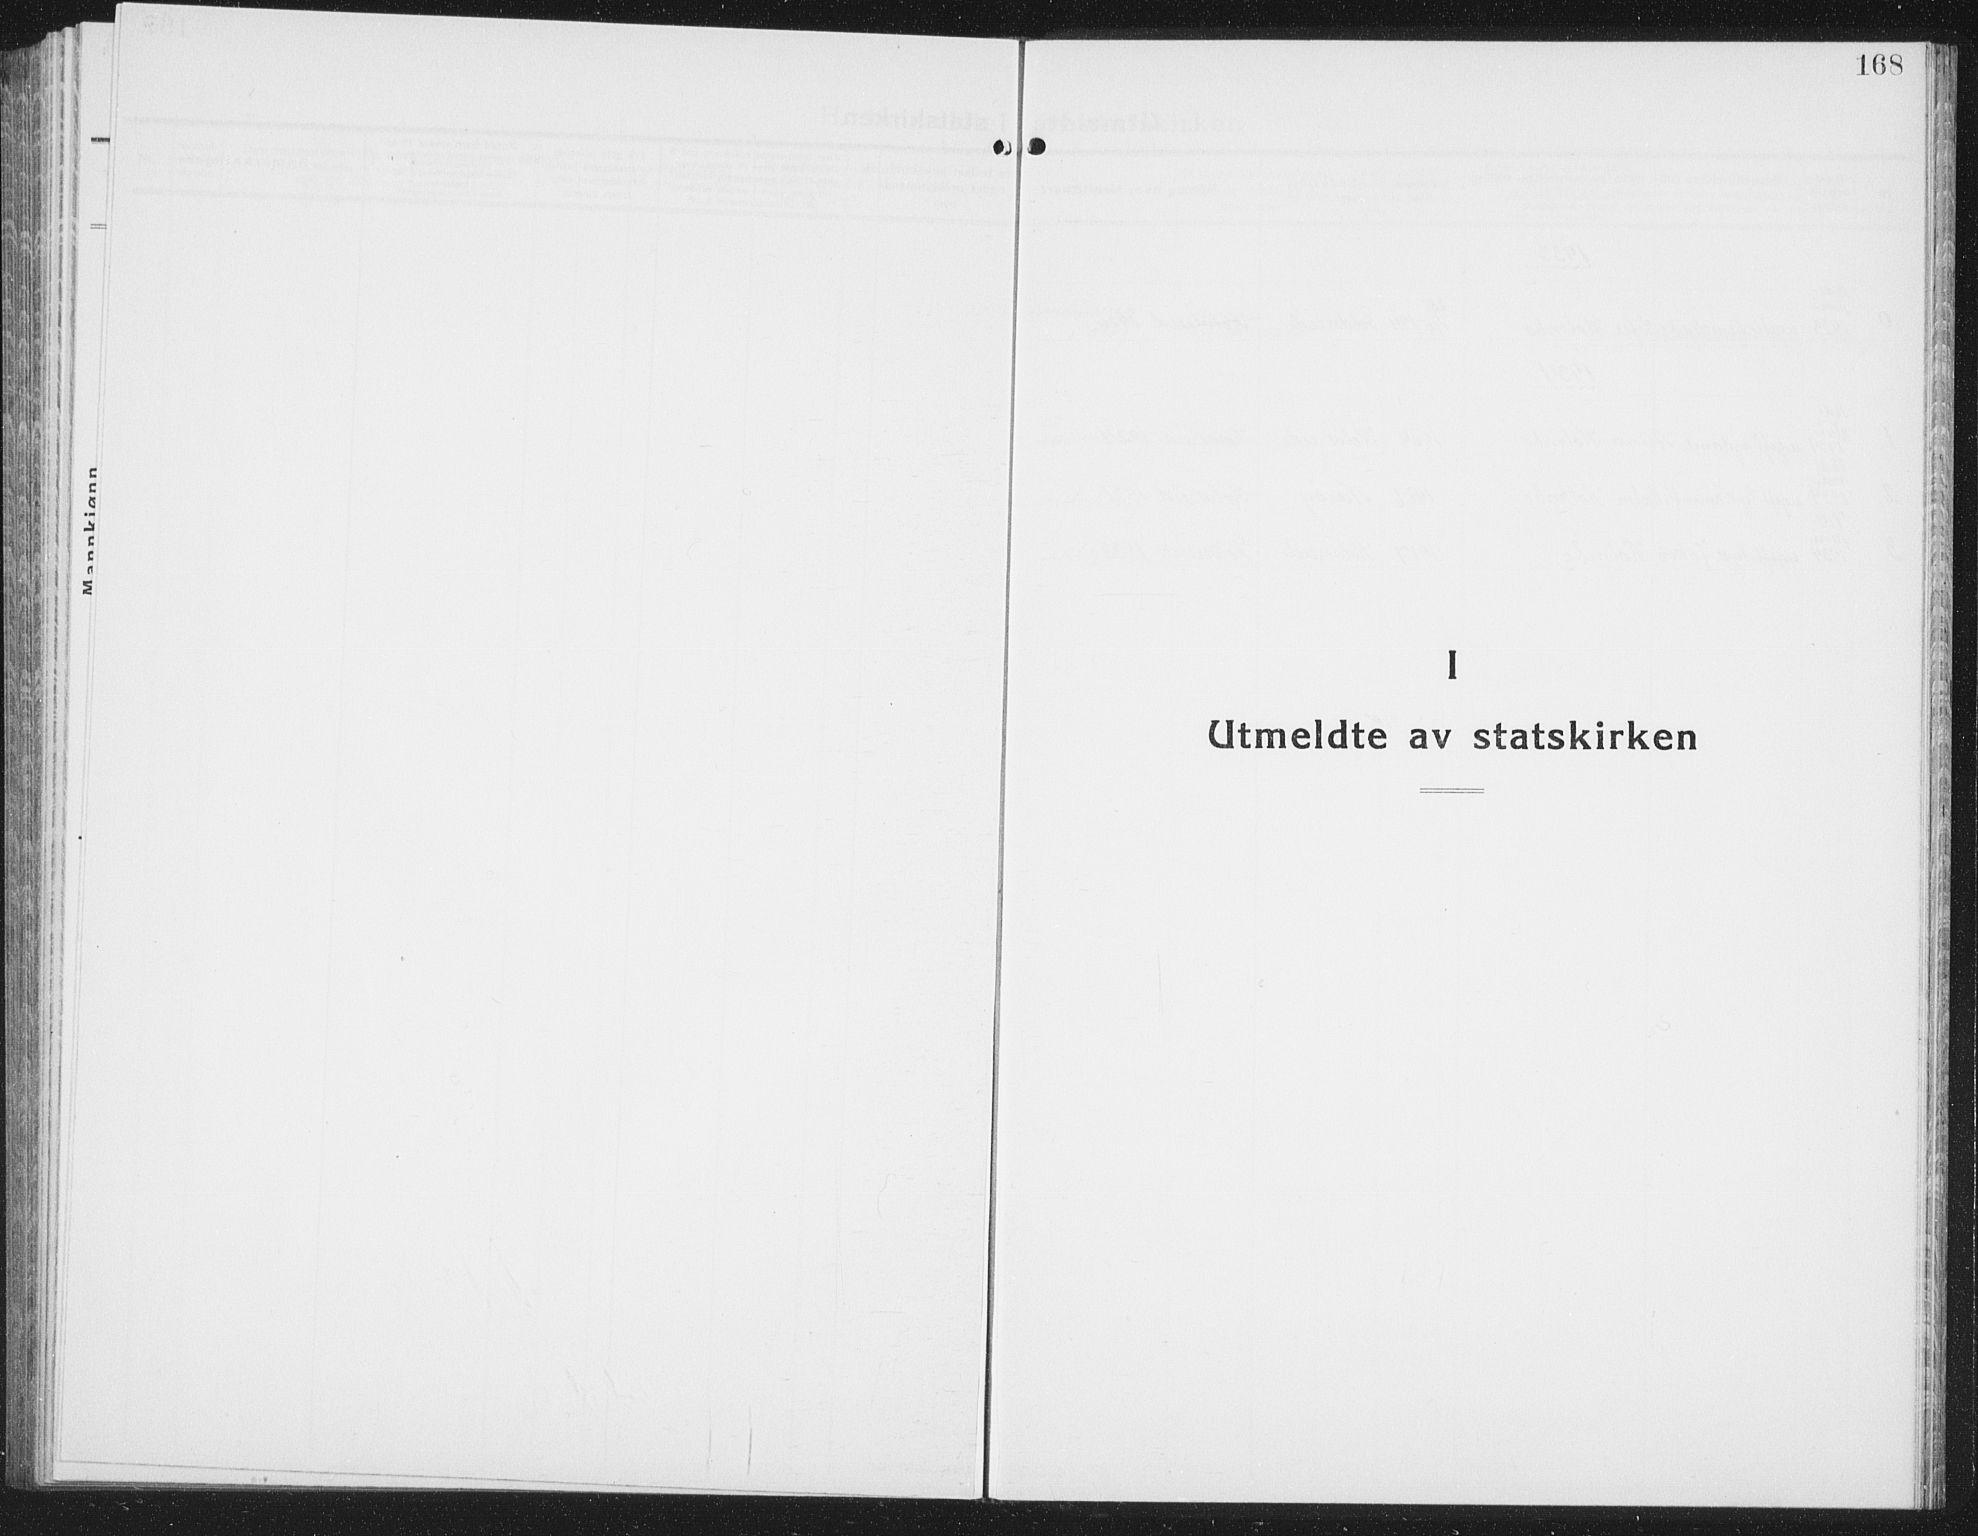 SAT, Ministerialprotokoller, klokkerbøker og fødselsregistre - Nord-Trøndelag, 780/L0654: Klokkerbok nr. 780C06, 1928-1942, s. 168